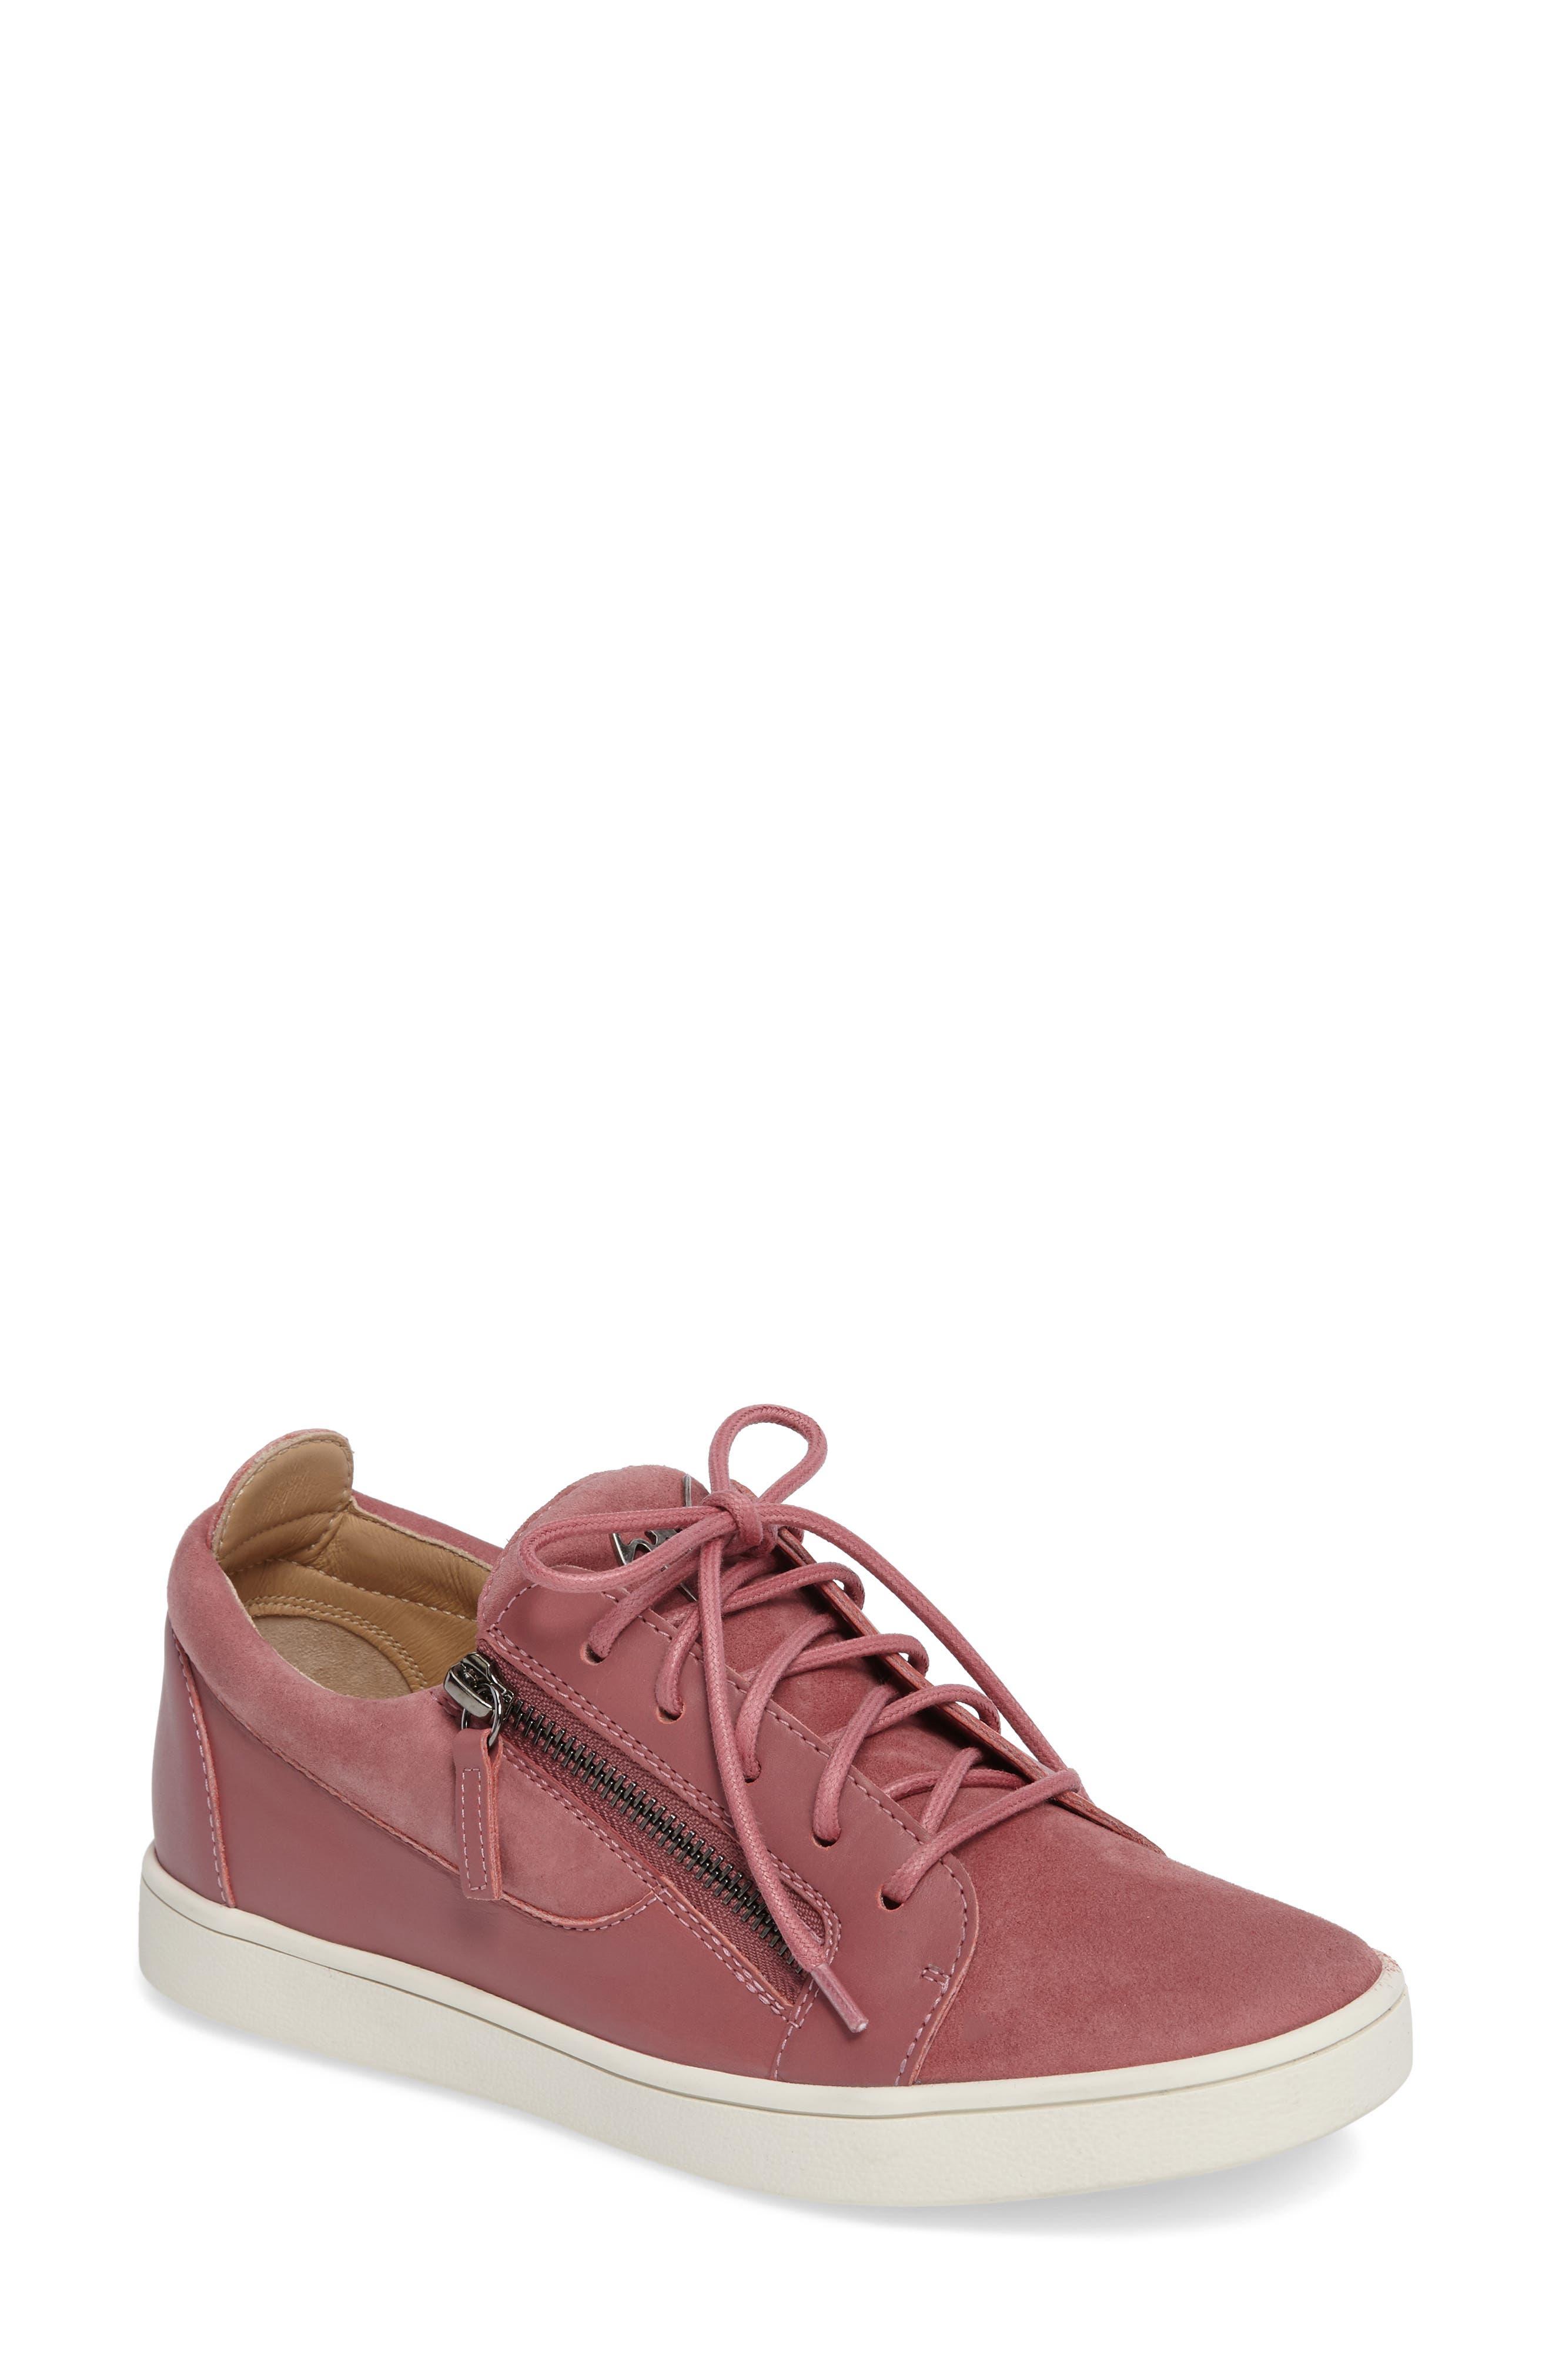 Main Image - Giuseppe Zanotti Low Top Zip Sneaker (Women)